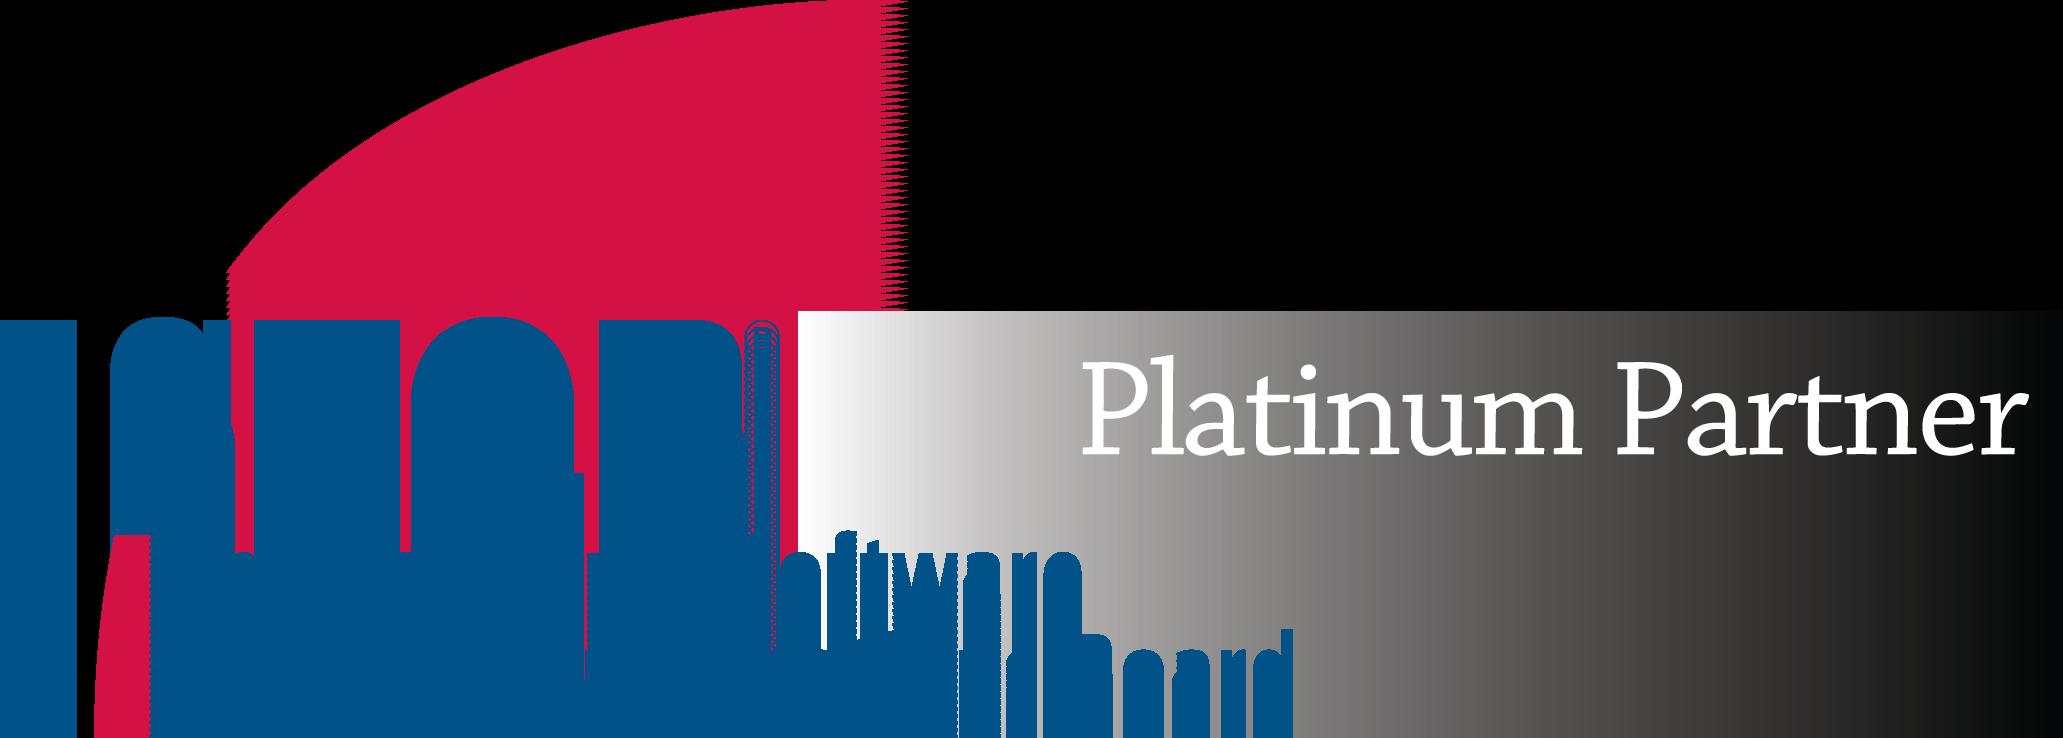 Partner-Program-platinum.png